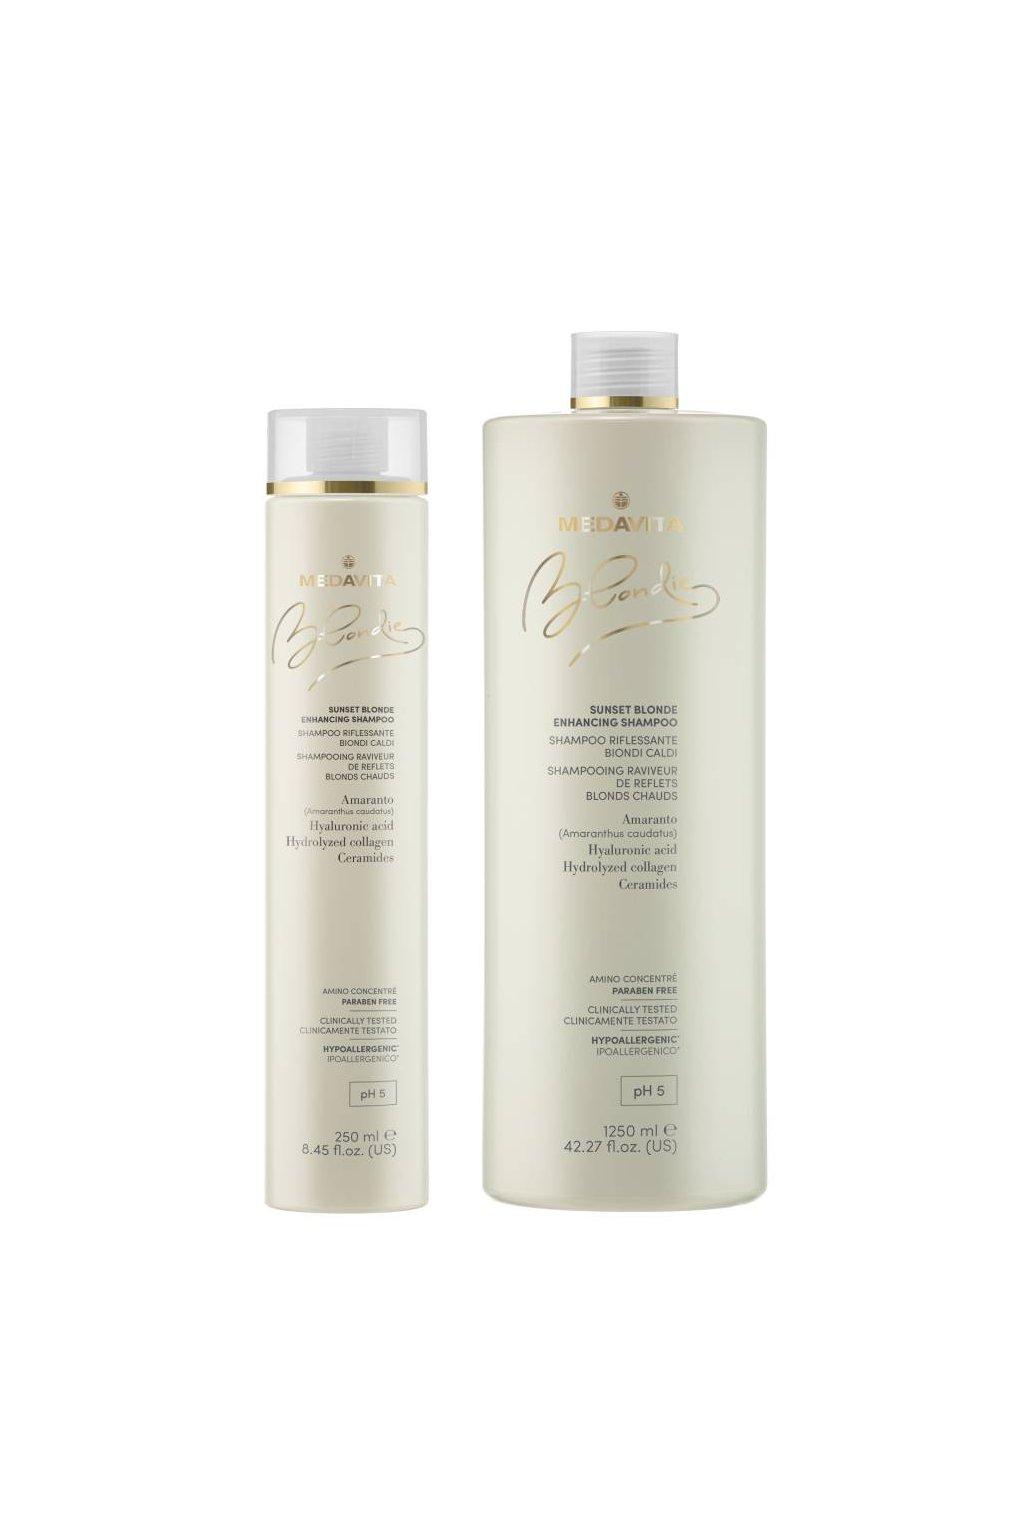 Medavita BLONDIE SUNSET Šampon s pigmenty pro teplé blond odstíny (Obsah 250 ml)